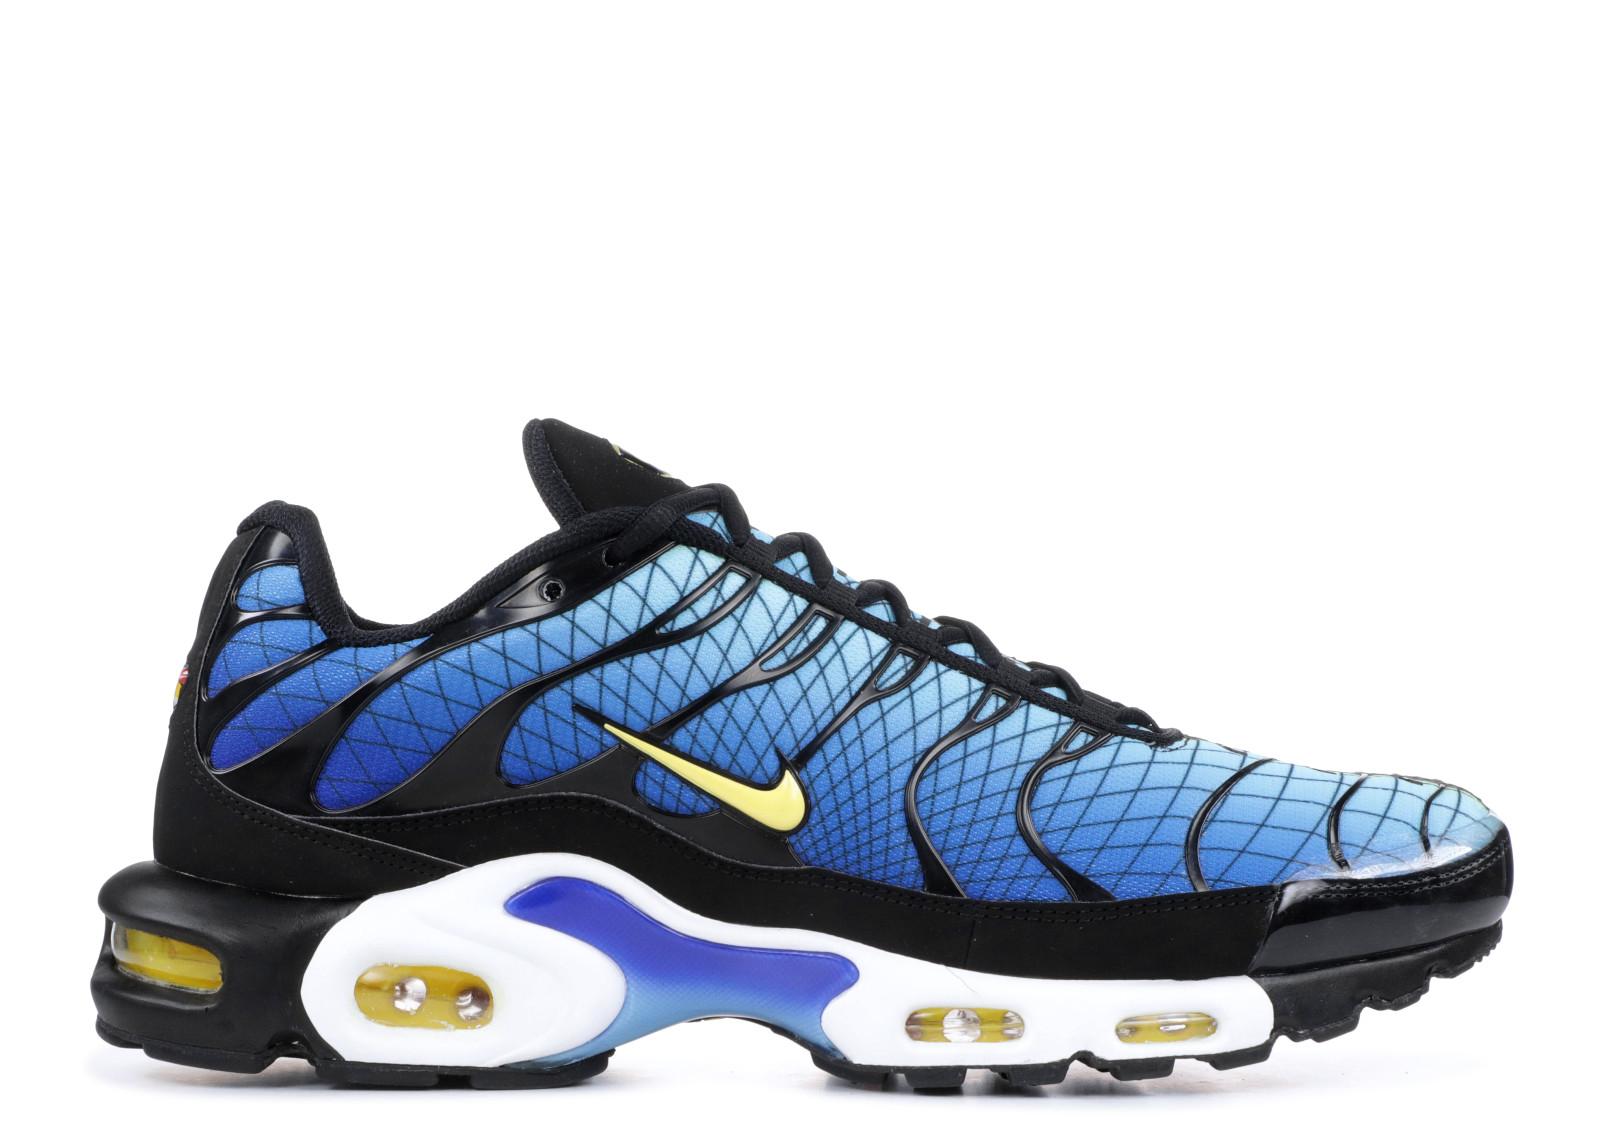 Nike Air Tn+